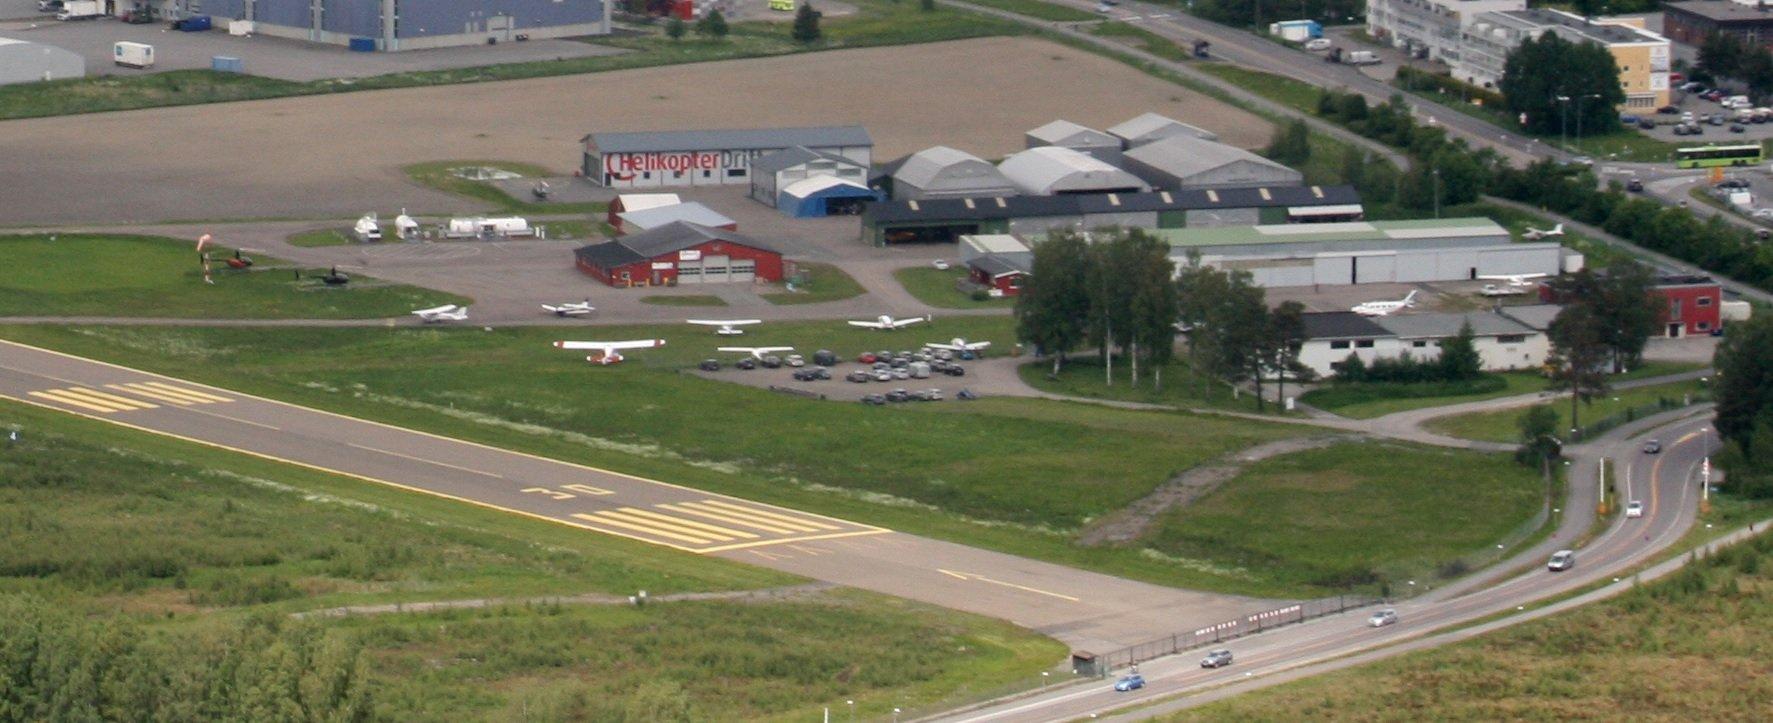 Småflyhavna.jpg